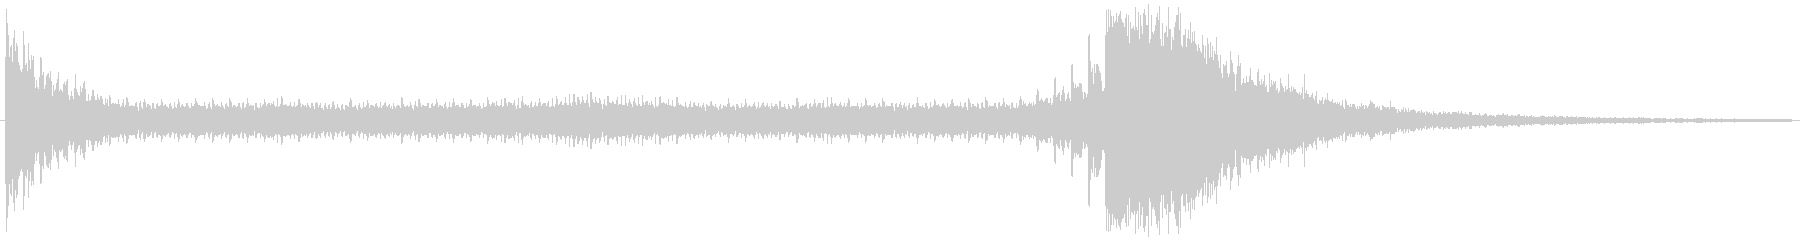 ドゥルルル・・ジャーン!(ドラムロール)の未再生の波形